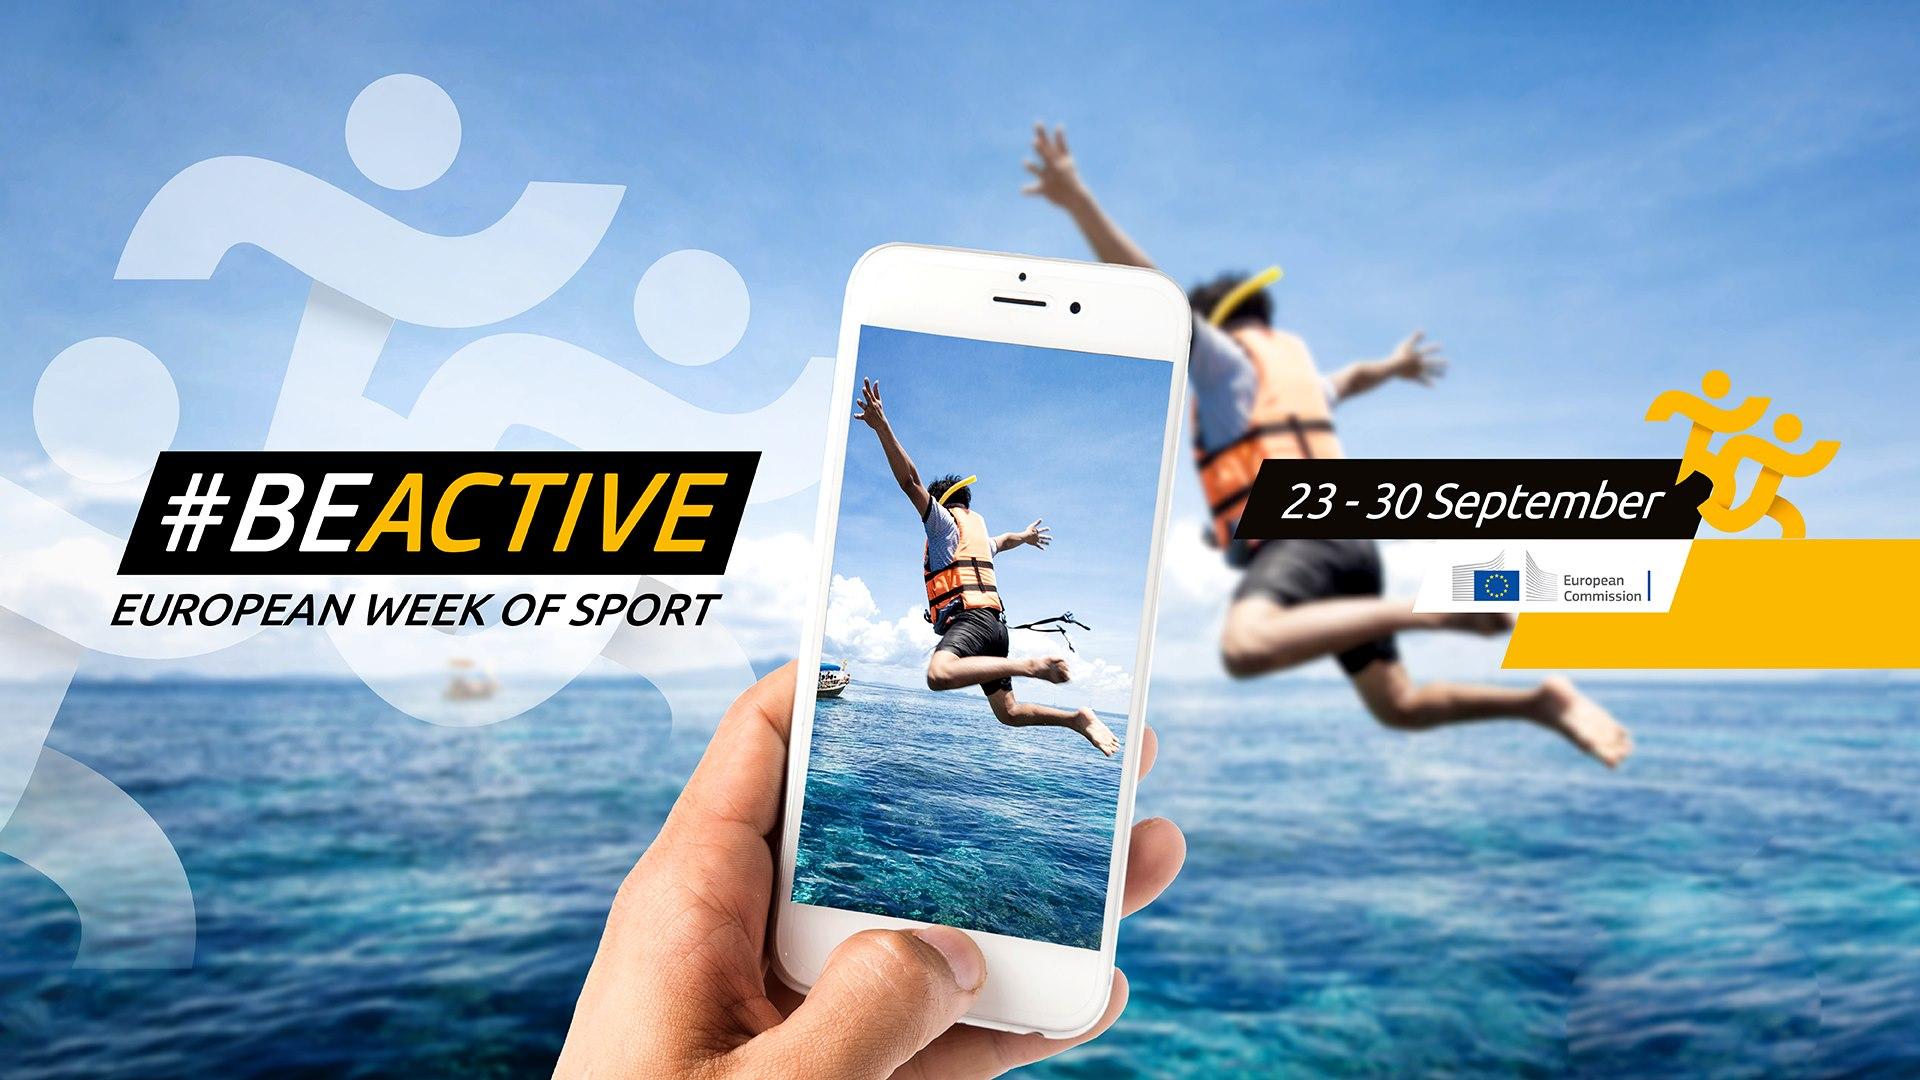 be-active-european-week-of-sport